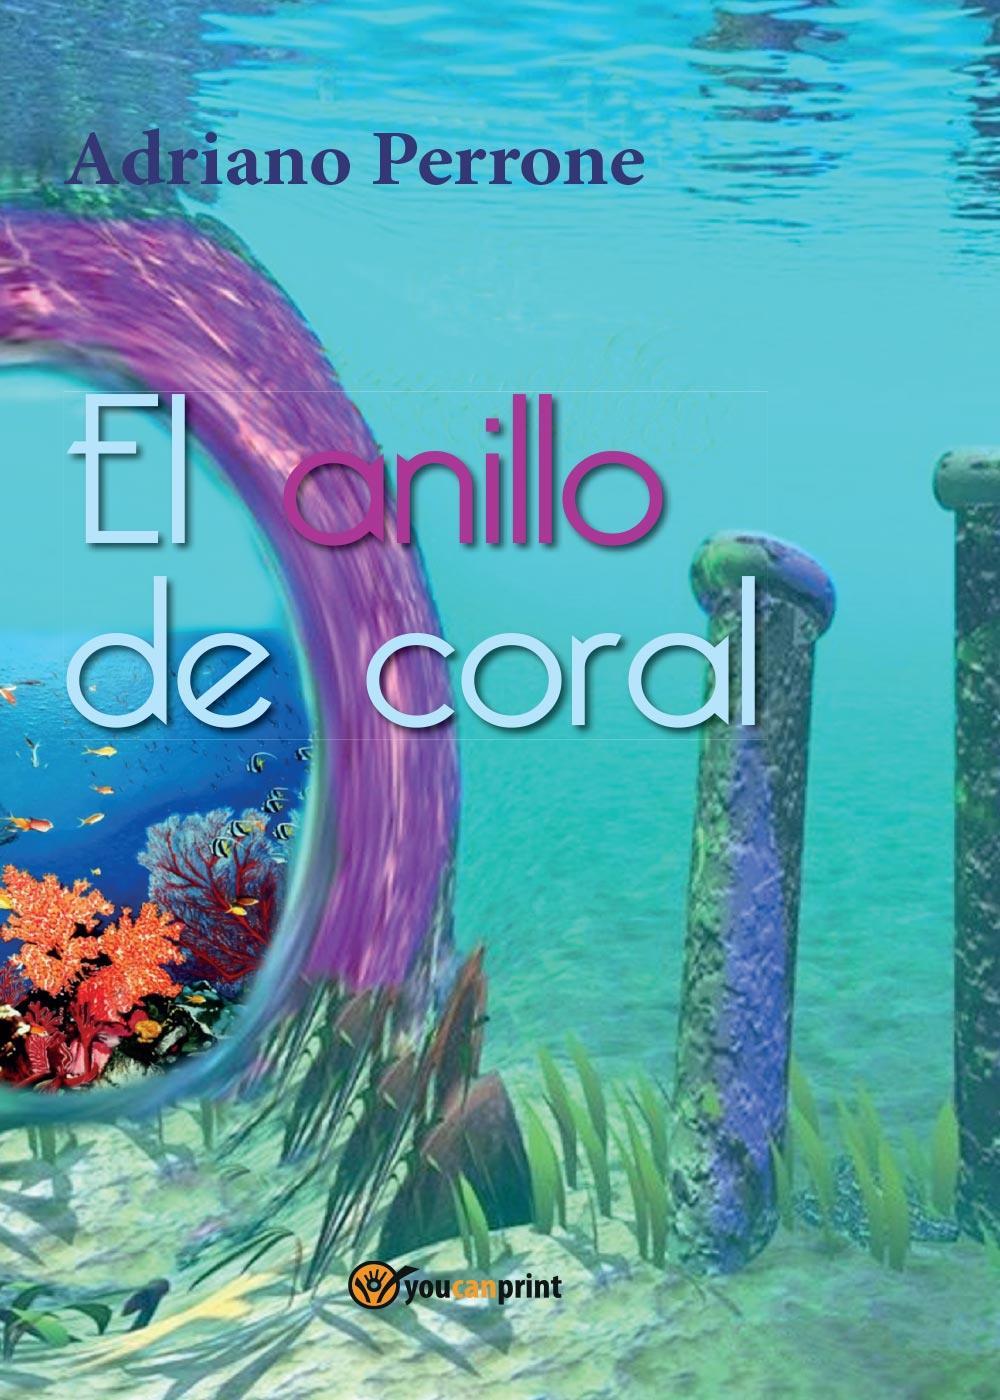 El anillo de coral